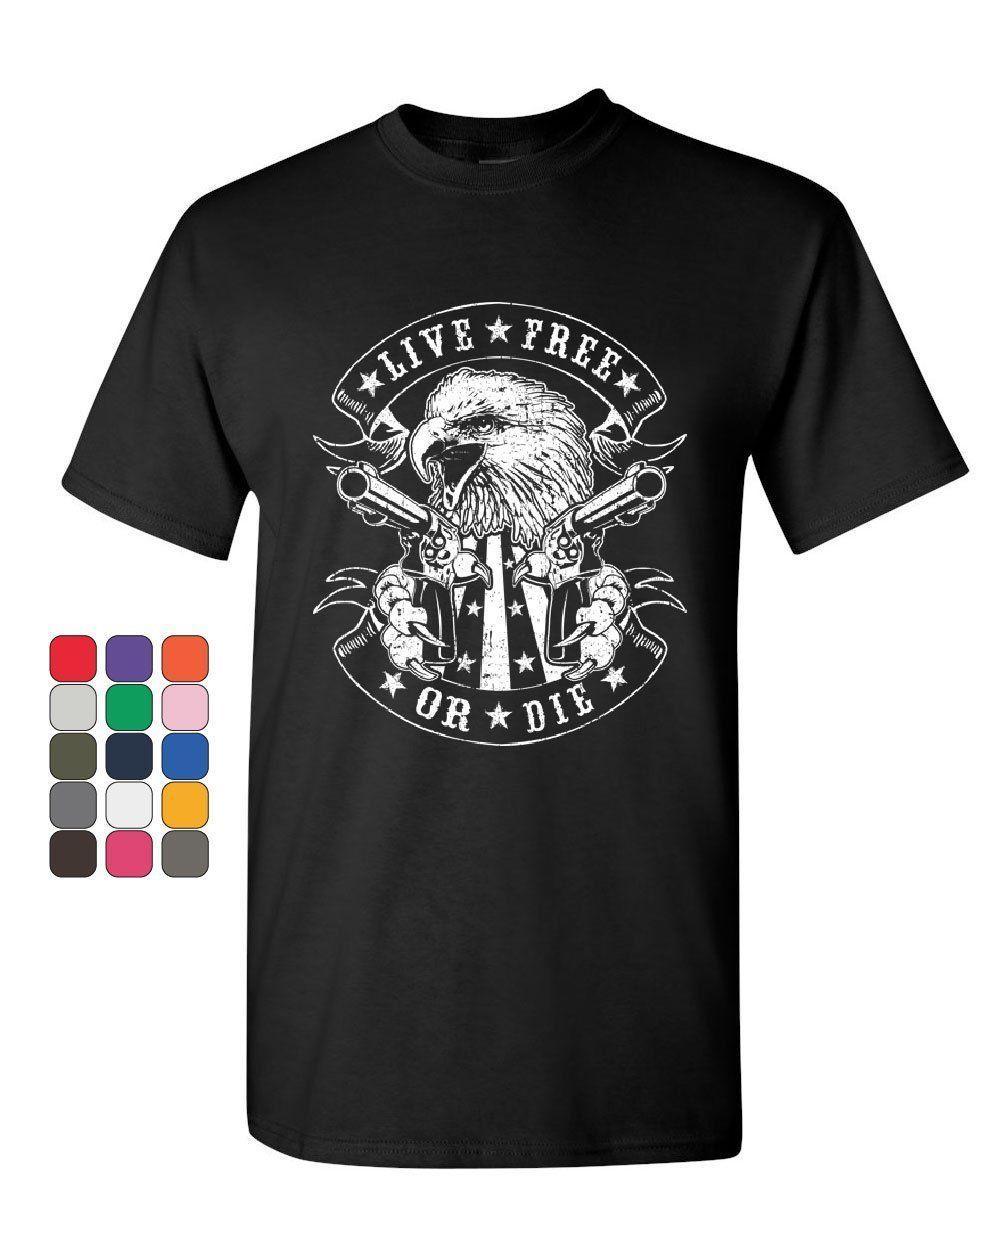 Canlı Ücretsiz veya Die T-Shirt Kartal Biker 2nd Değişiklik Amerikan Bayrağı Erkek Tee Gömlek